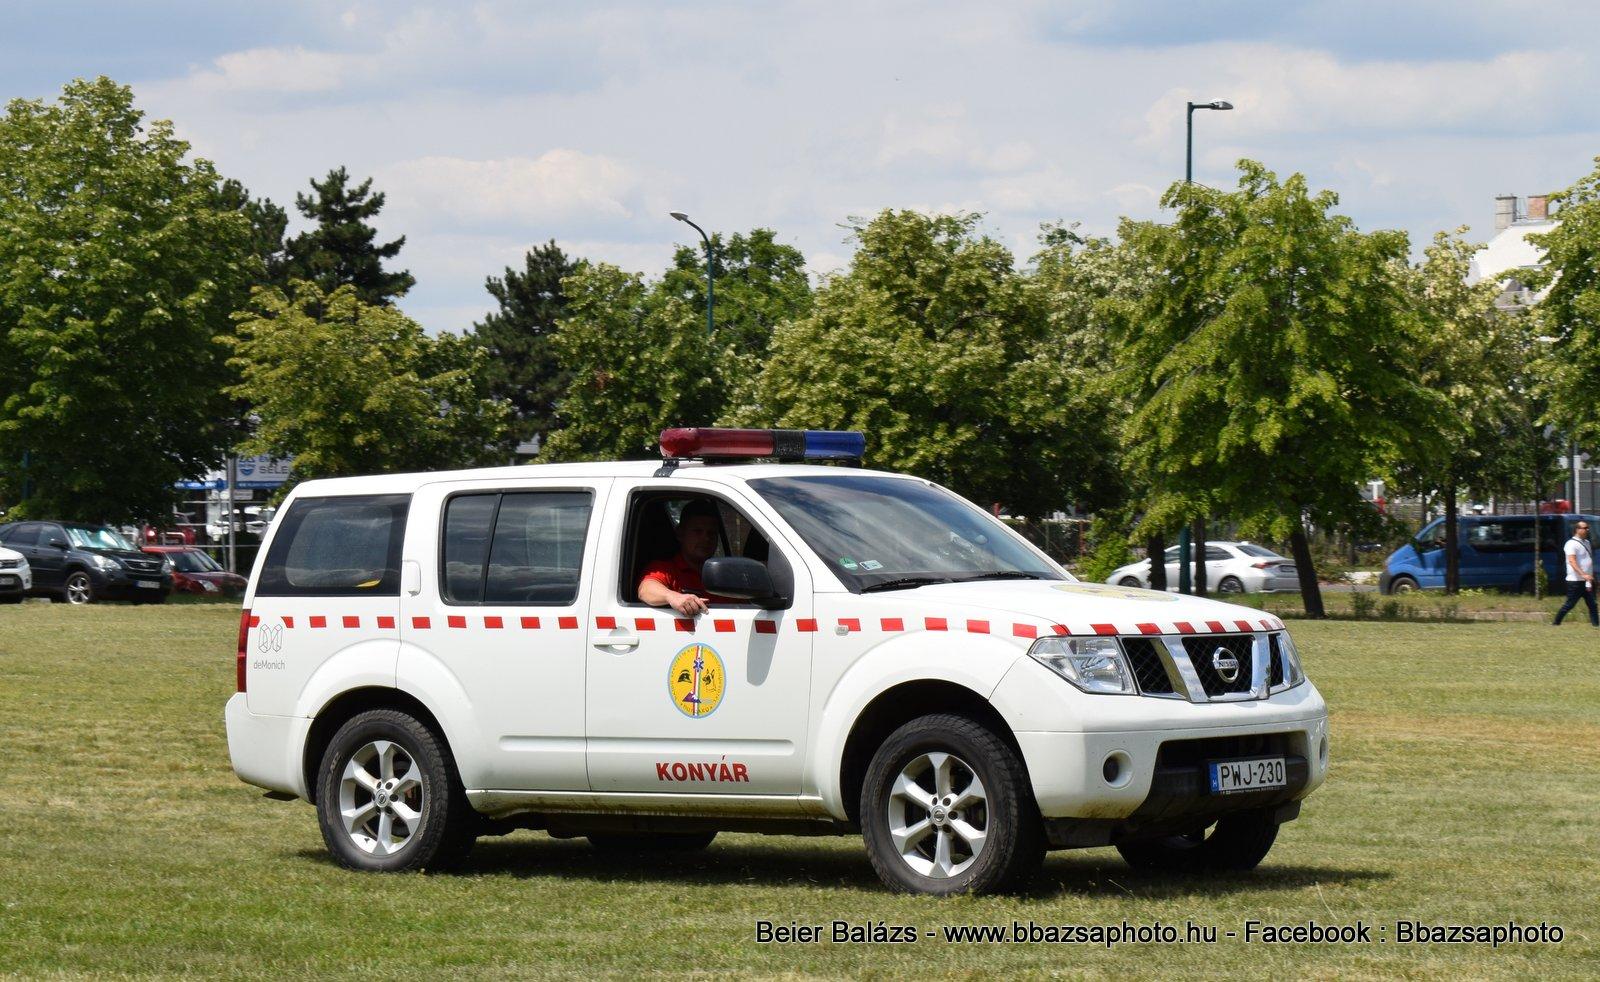 Nissan Pathfinder – Konyár